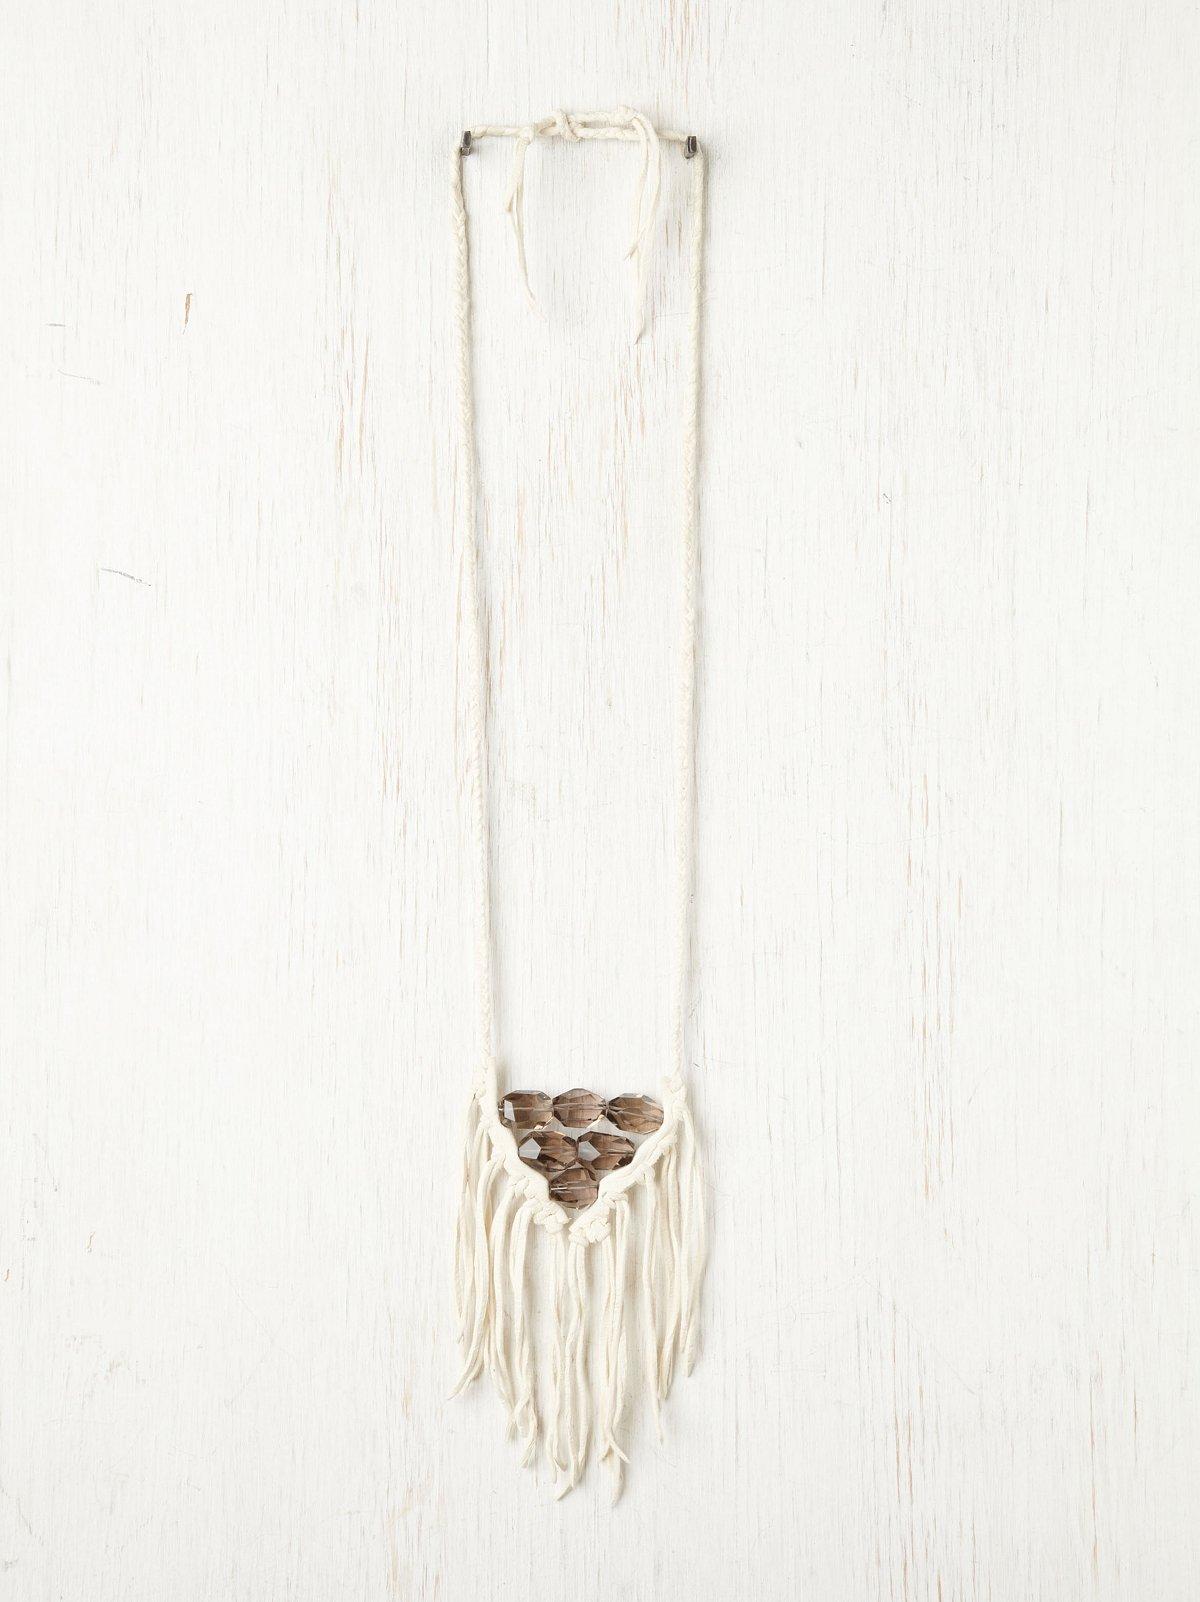 Nomad Quartz Necklace